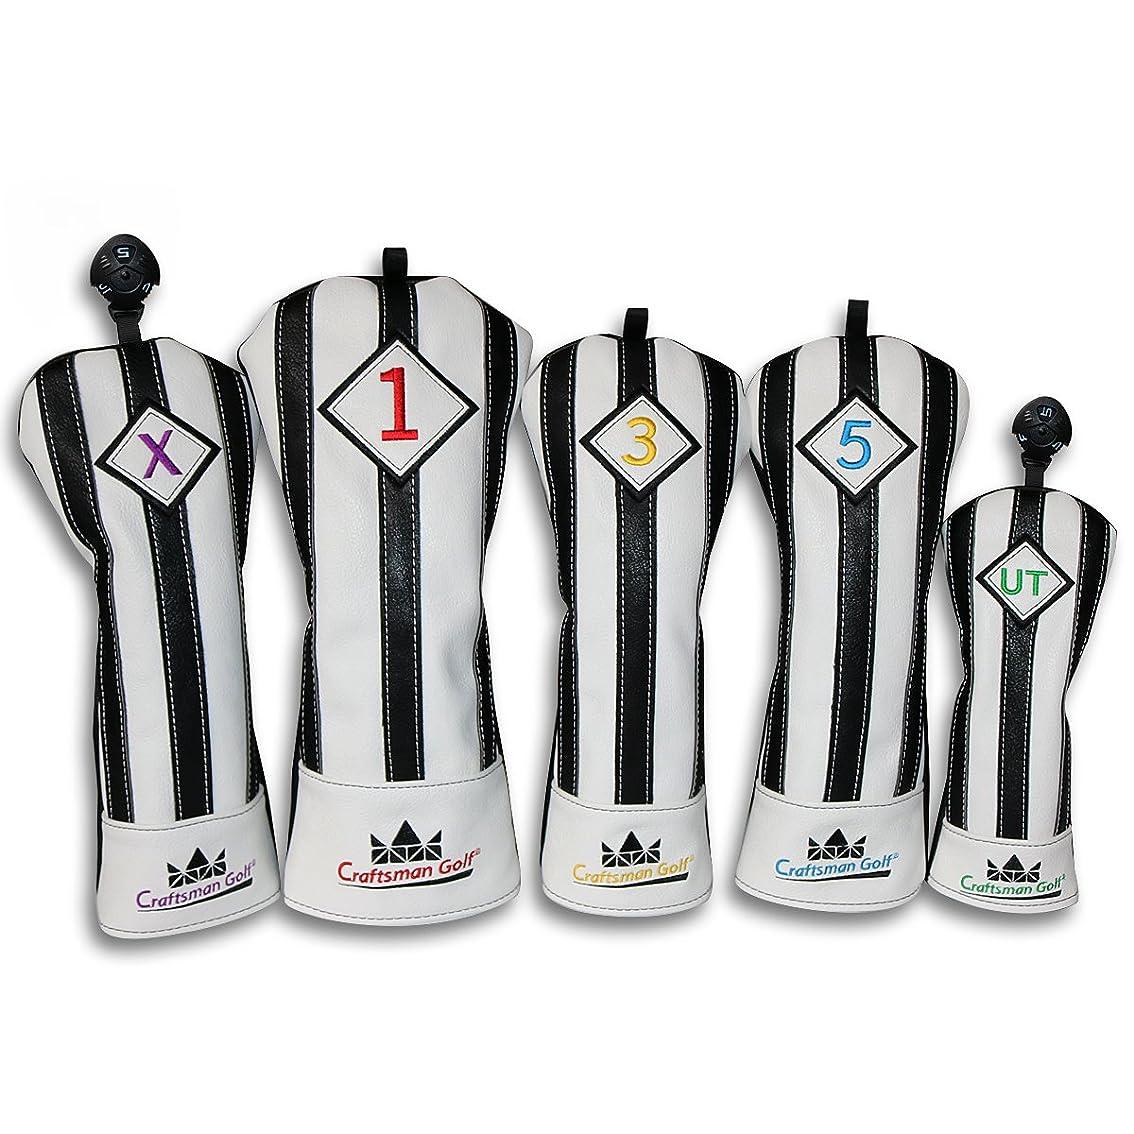 旧正月パウダーパーティーCRAFTSMAN(クラフトマン)ユベントスファン向け イタリア風 ゴルフヘッドカバー 合成レザー製 たて縞黒白 バージョンアップ (たて縞黒白 セット)